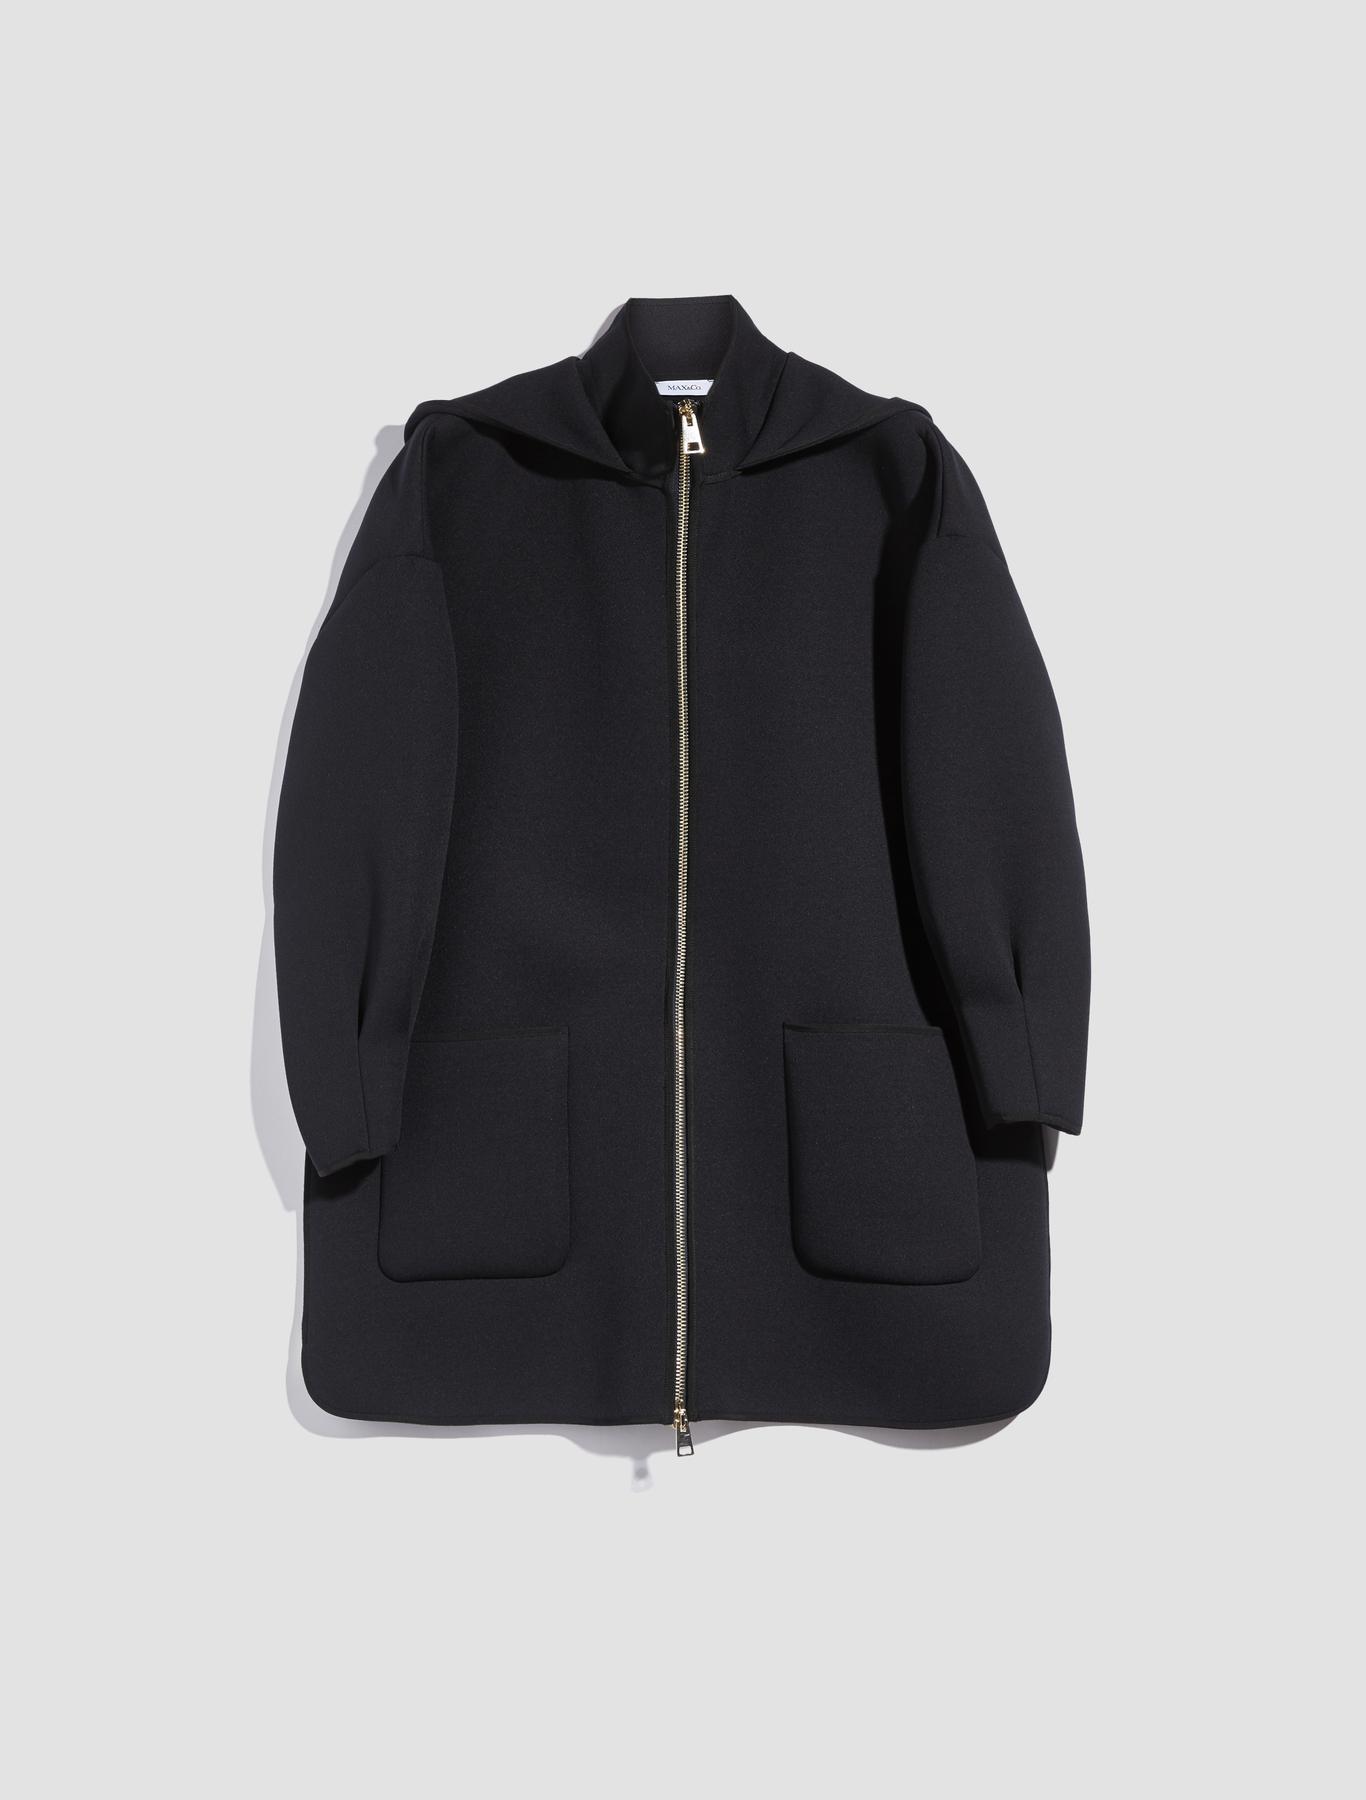 Jersey mantel mit kapuze